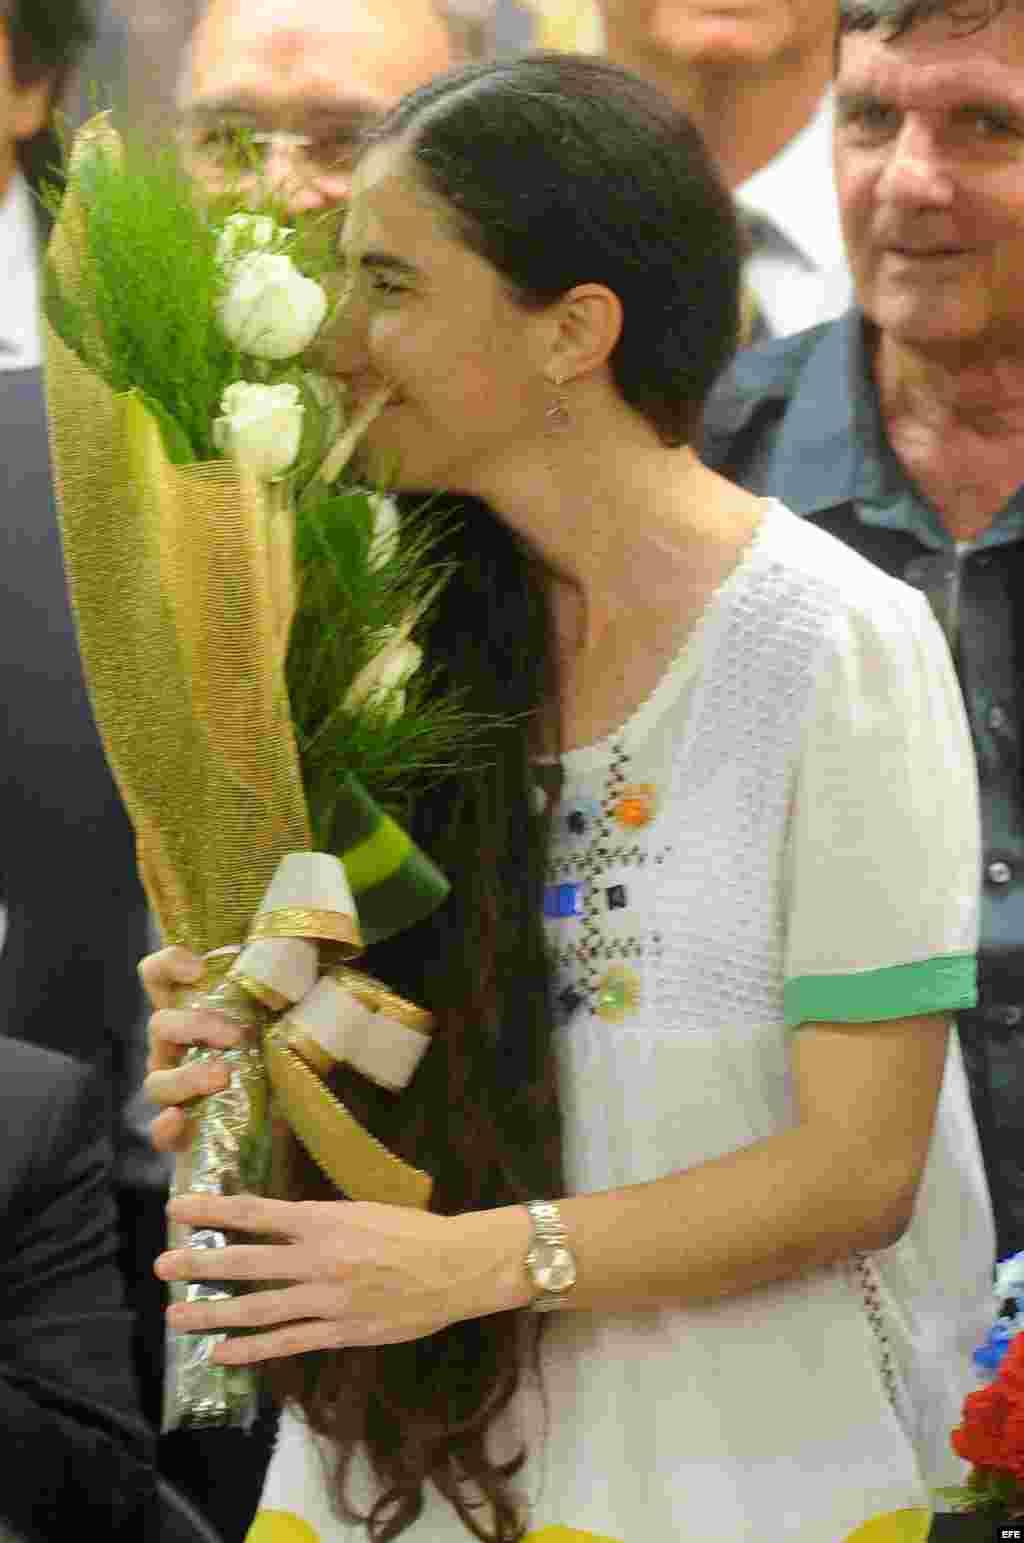 La disidente cubana Yoani Sánchez recibe un ramo de flores hoy, miércoles 20 de febrero de 2013, en la sede de la Cámara de Diputados, en Brasilia (Brasil).